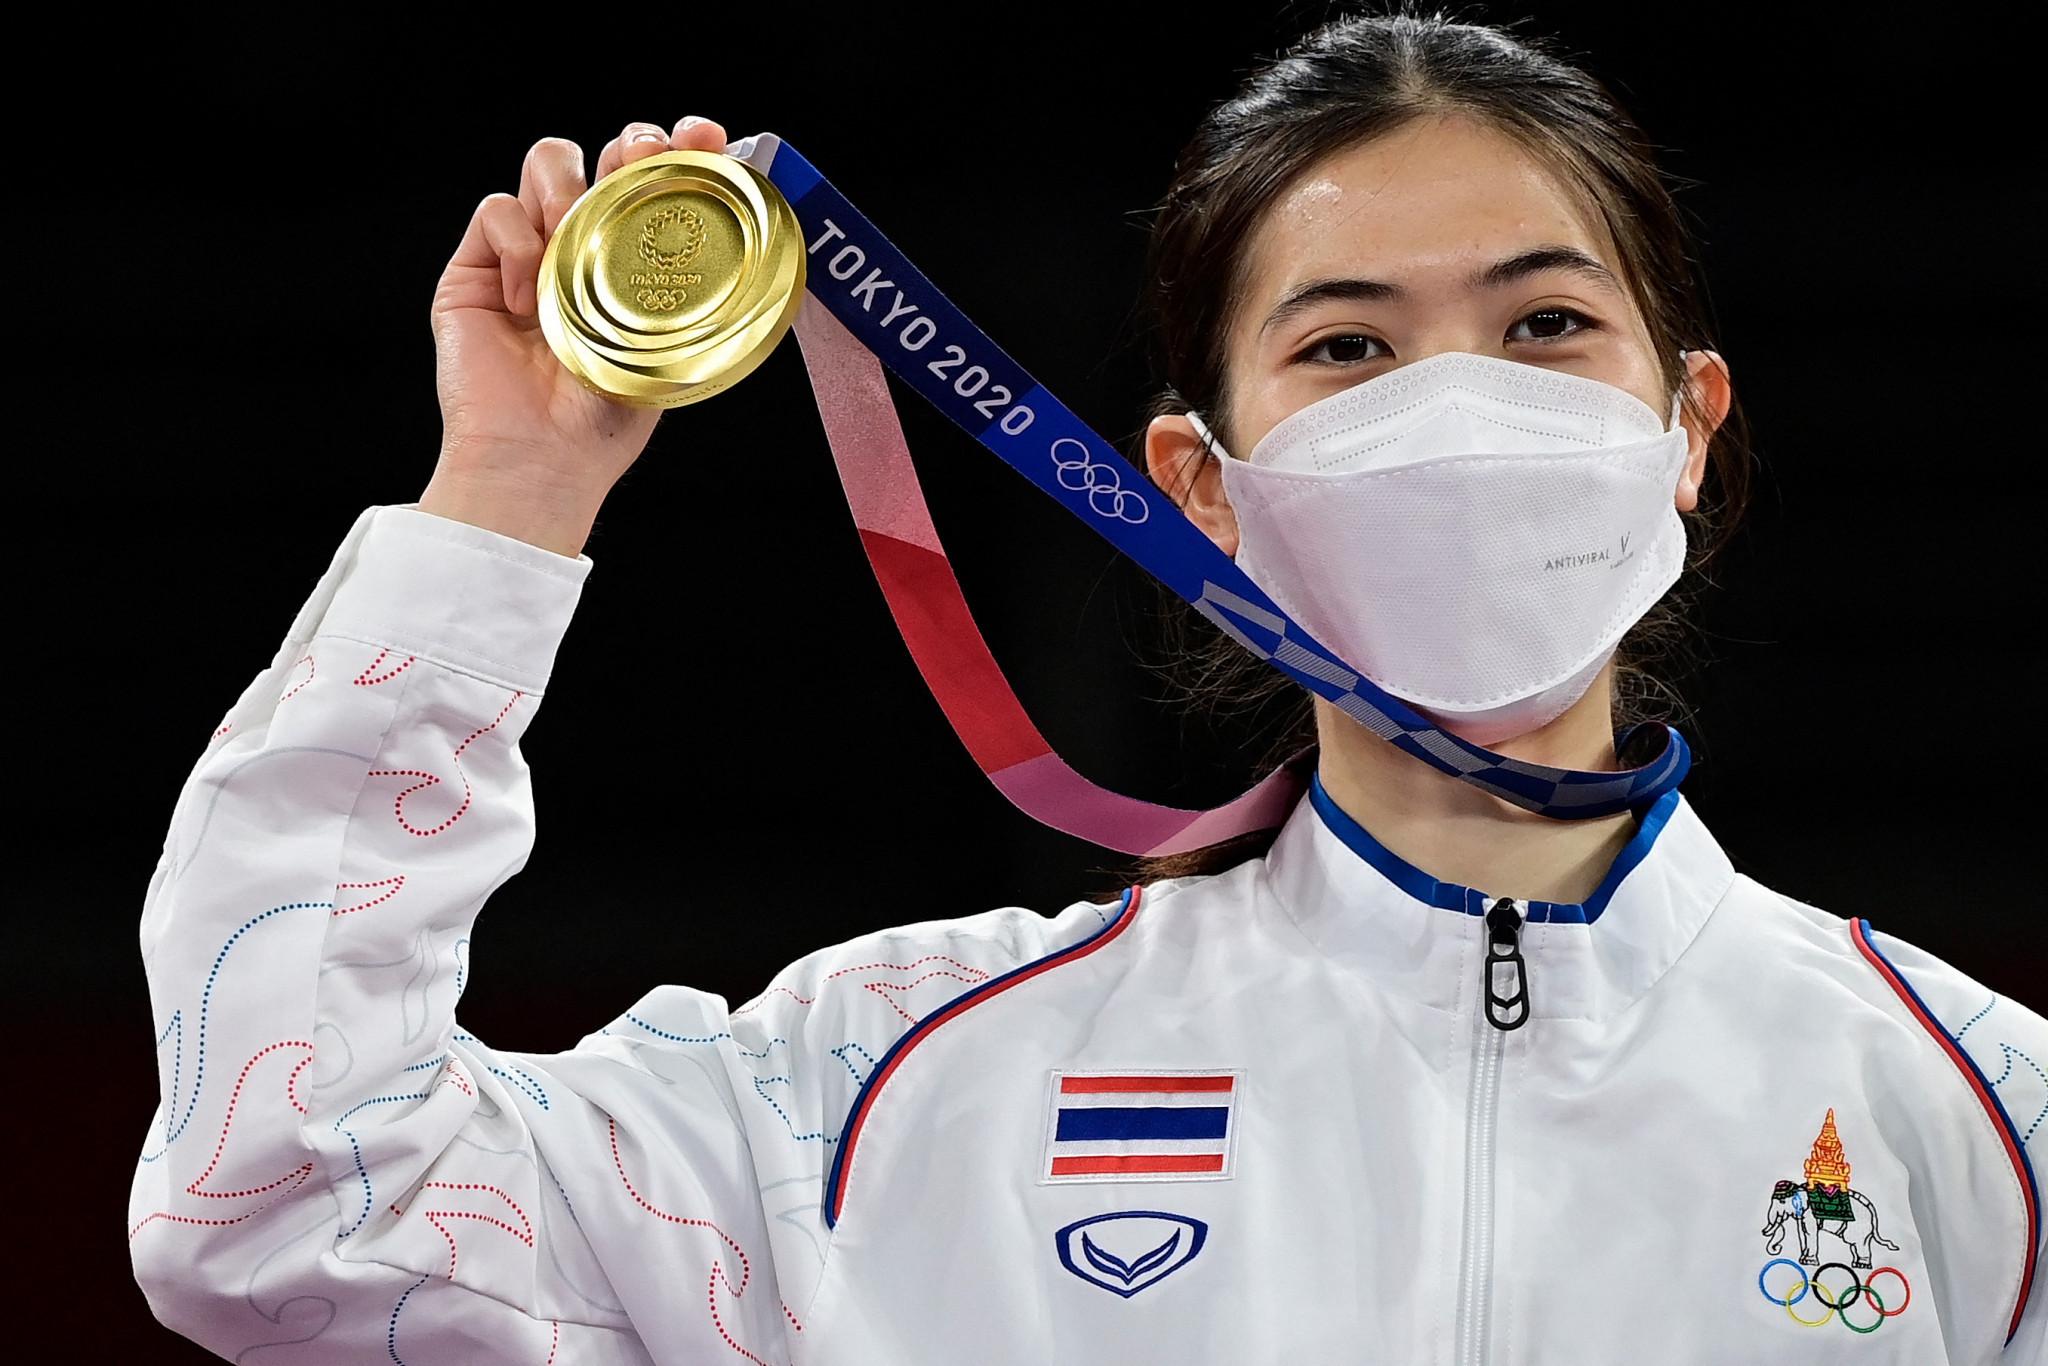 태국의 Panapak Wongpatanakit은 2020 도쿄 올림픽에서 아시아 태권도 금메달리스트 2명 중 한 명입니다. © Getty Images